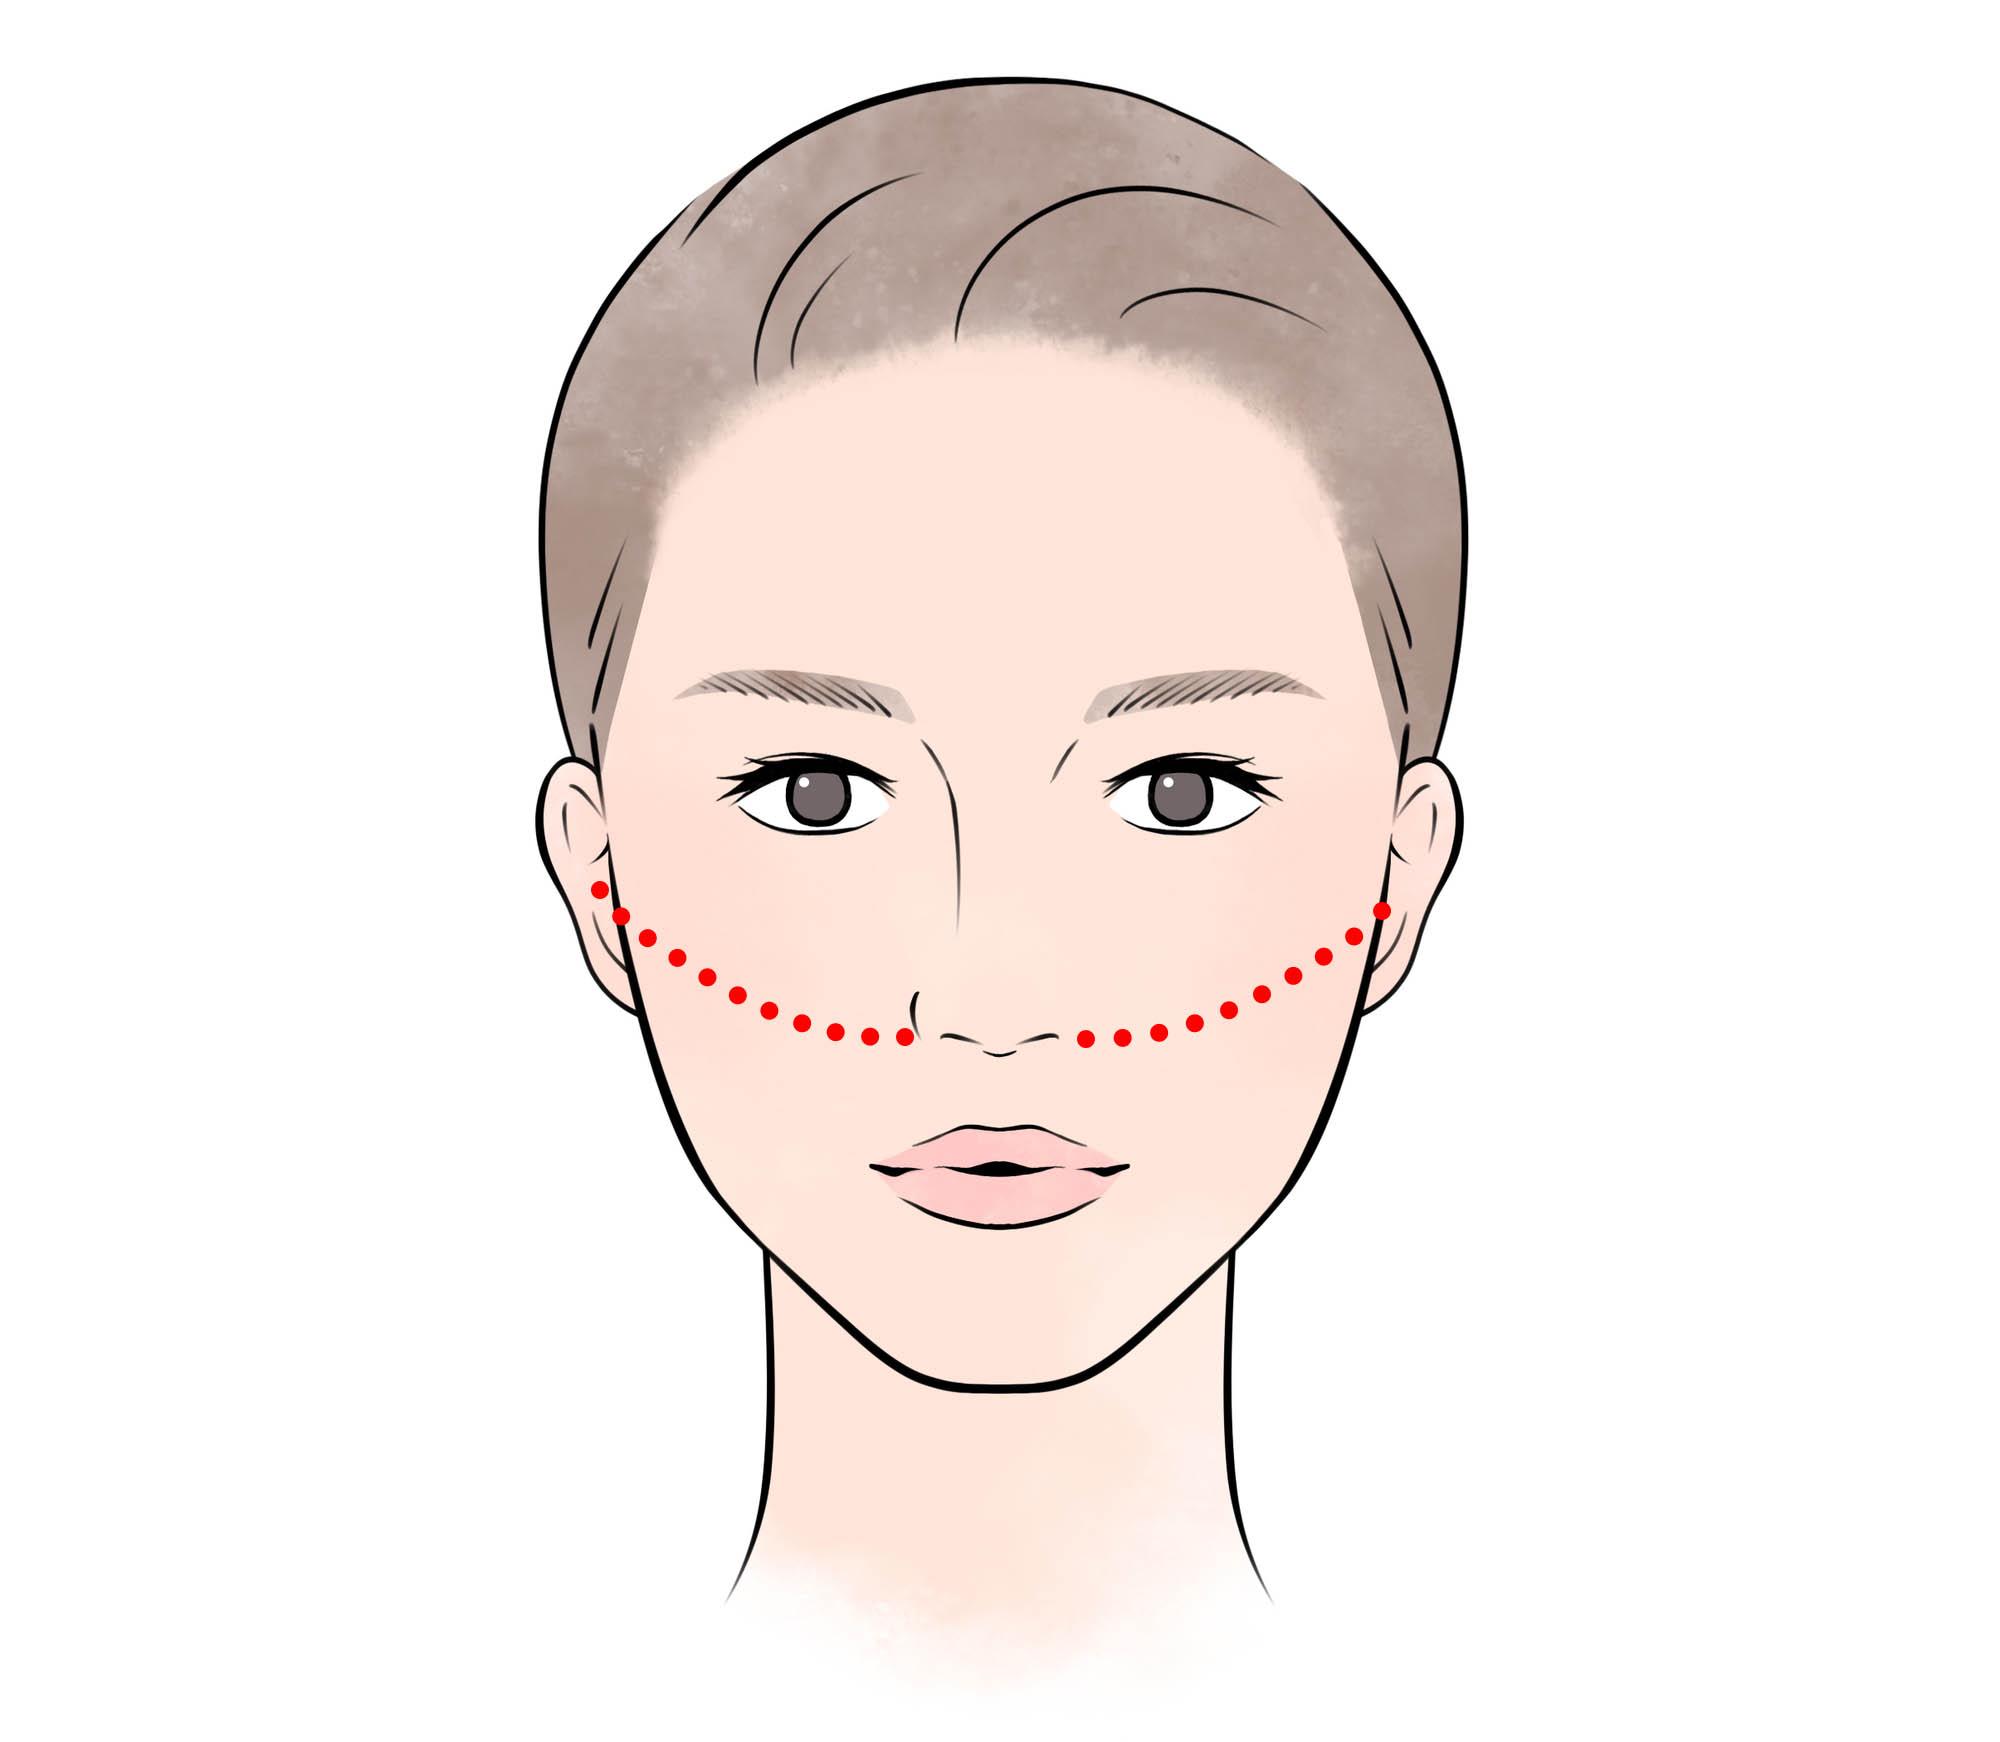 チークを入れる位置は、小鼻と耳をつなぐ線よりも上にしましょう